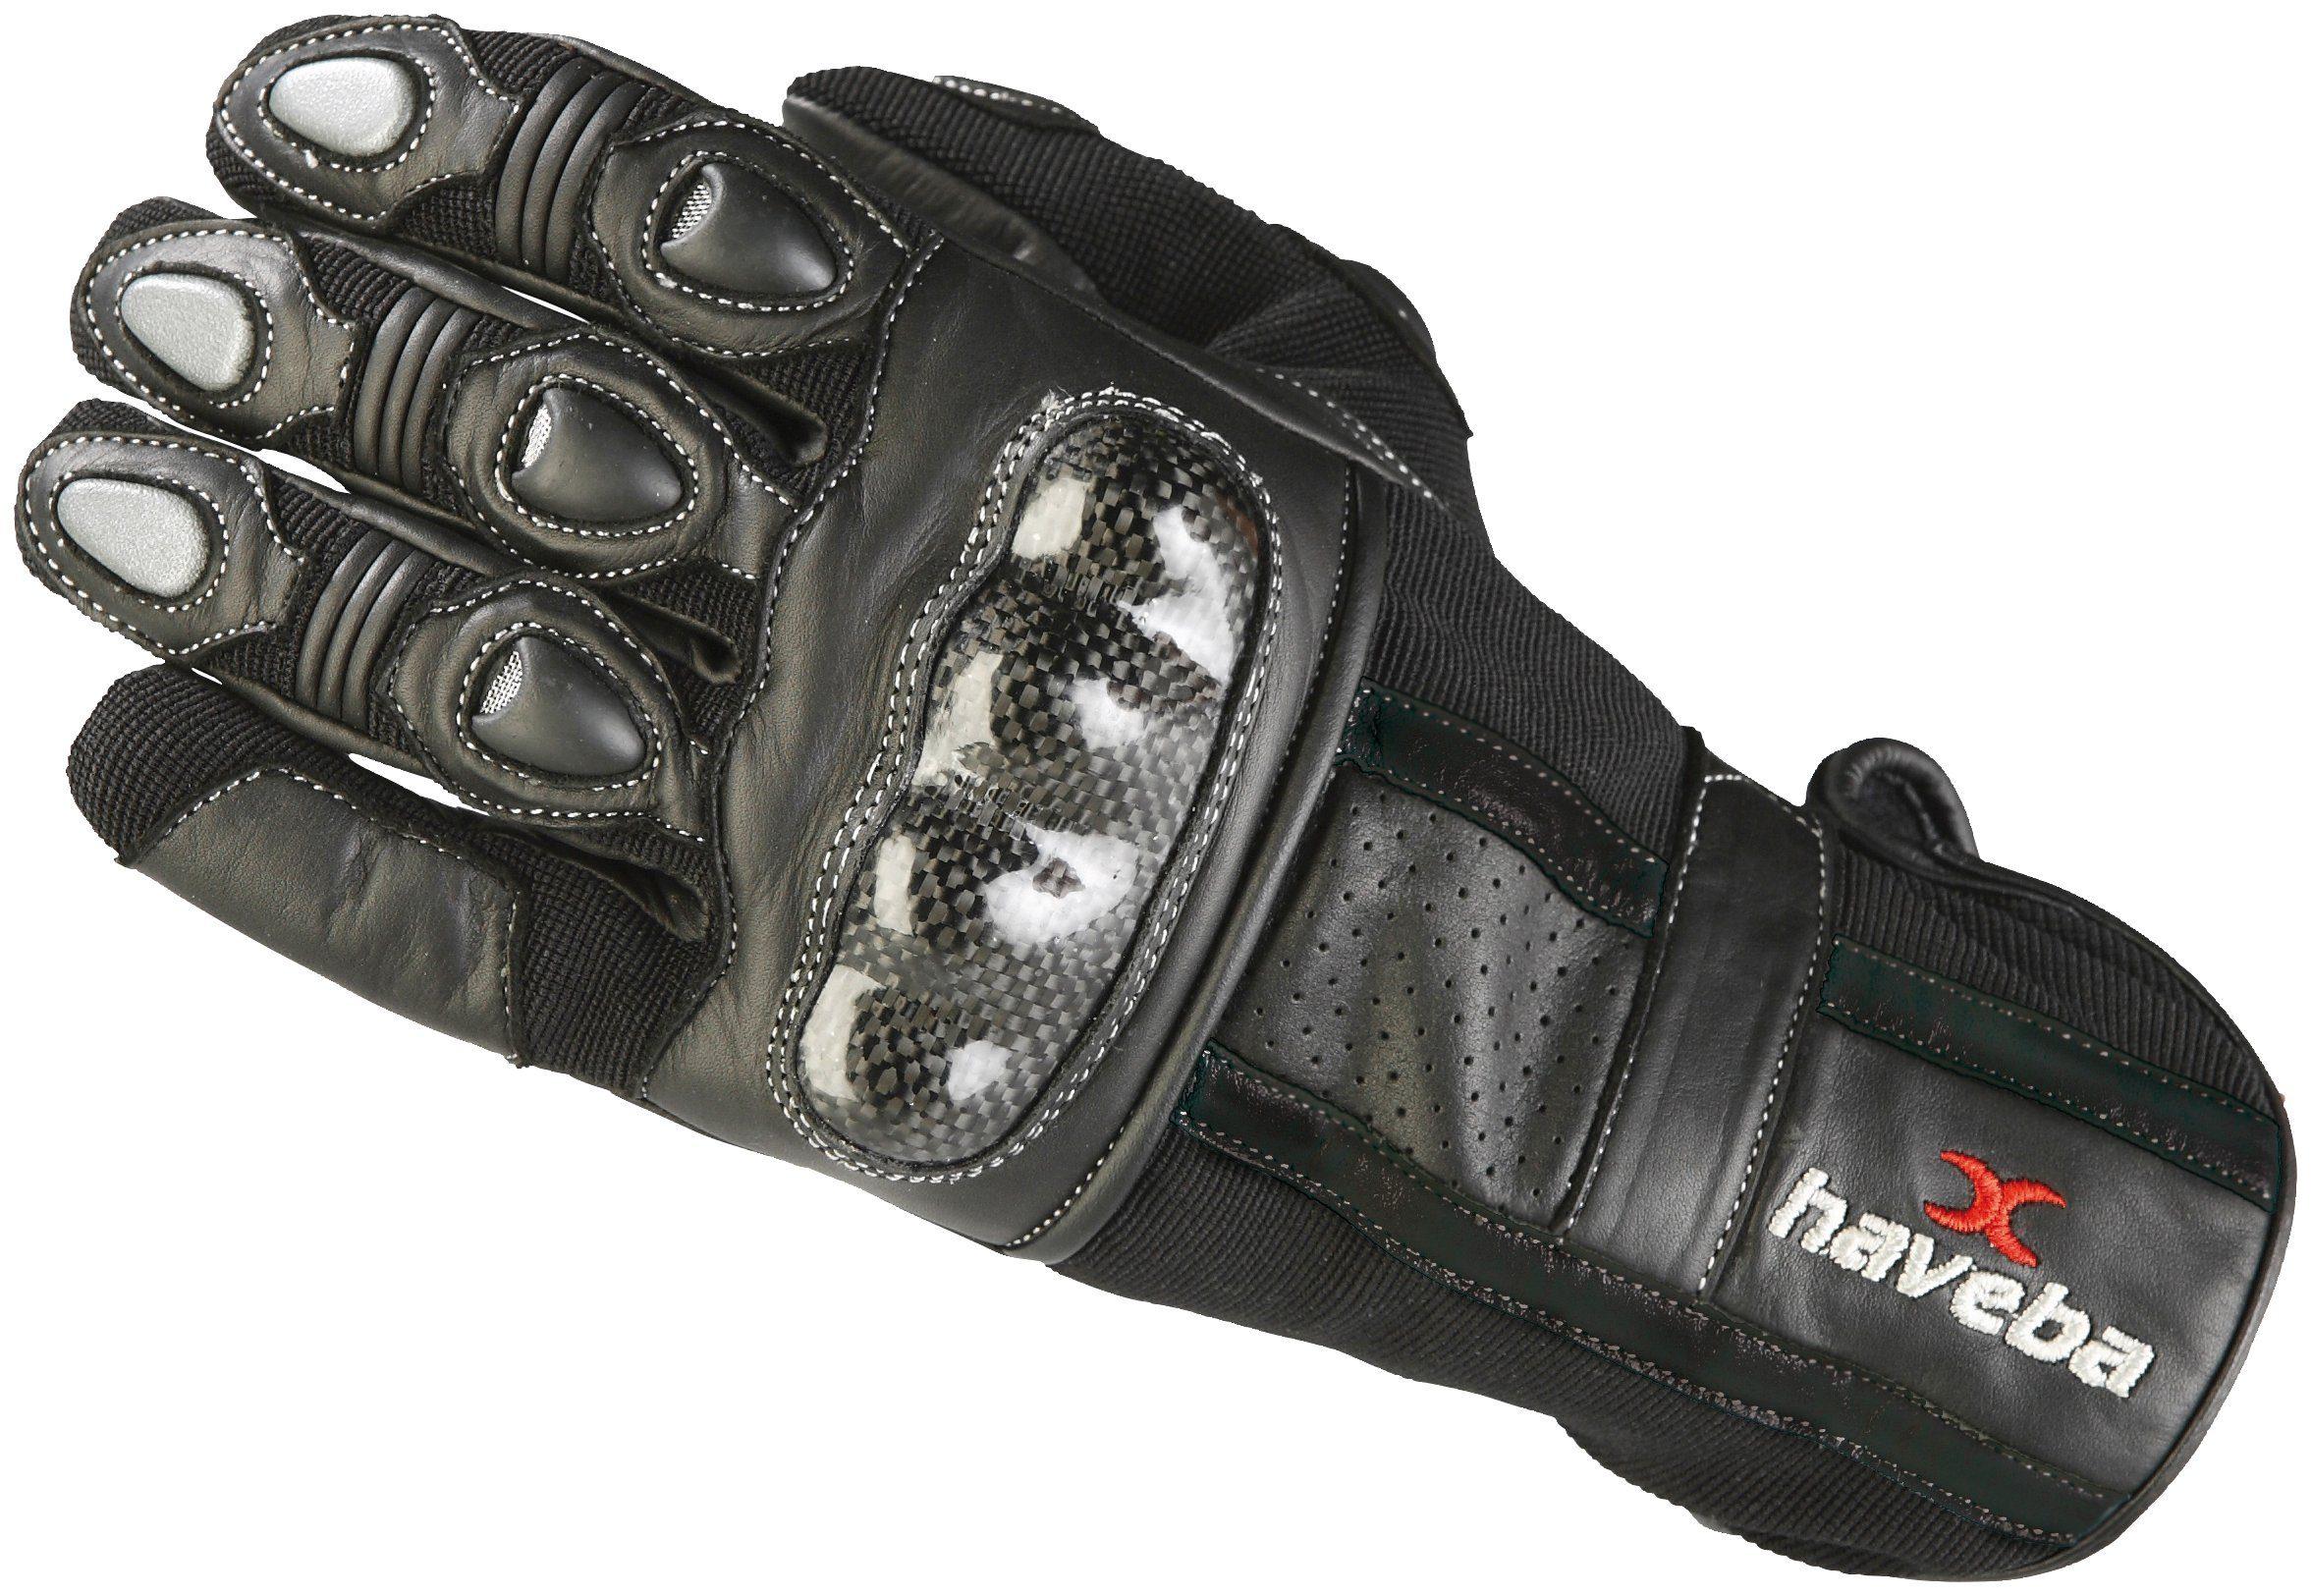 HAVEBA Motorradhandschuhe »Contec«, Unisex, Obermaterial aus 100 % Leder